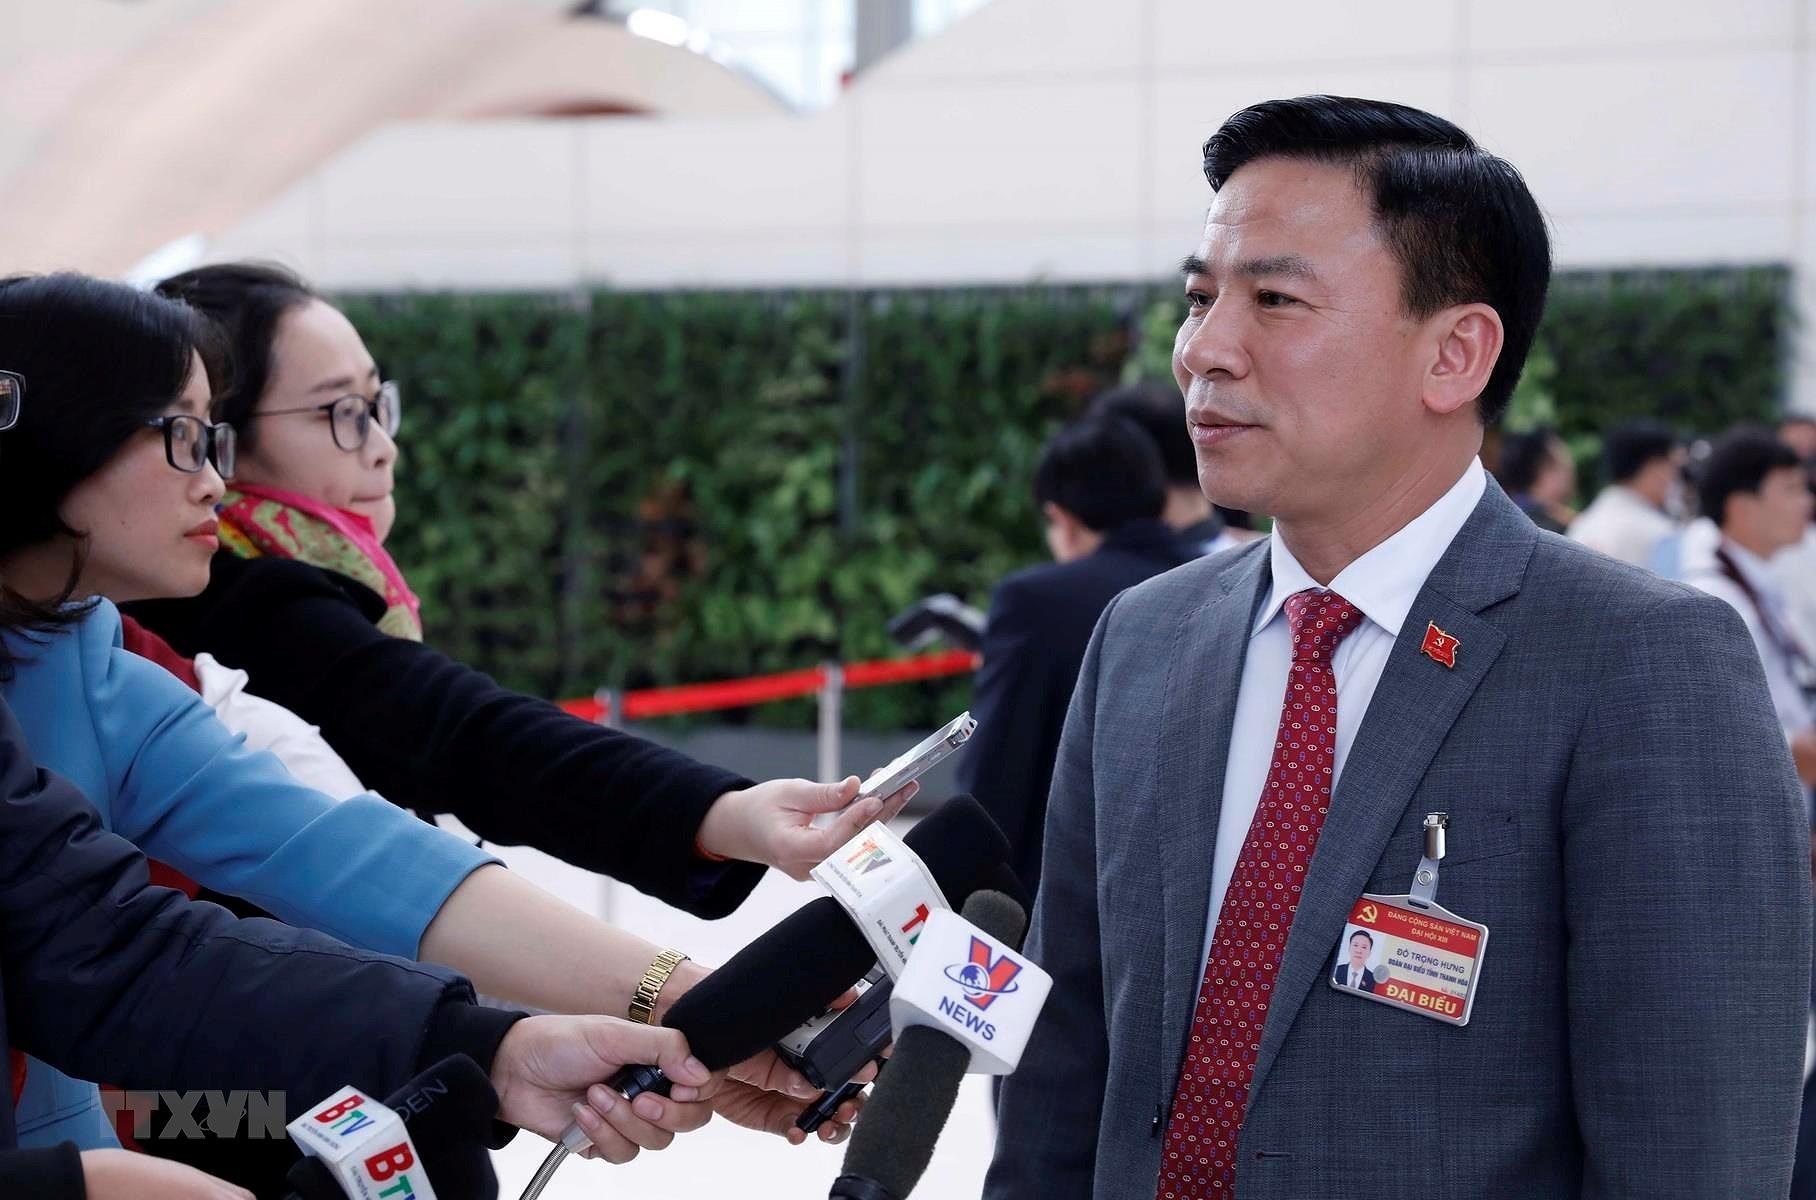 Tin chắc Việt Nam sẽ trở thành một nước phồn vinh và hạnh phúc